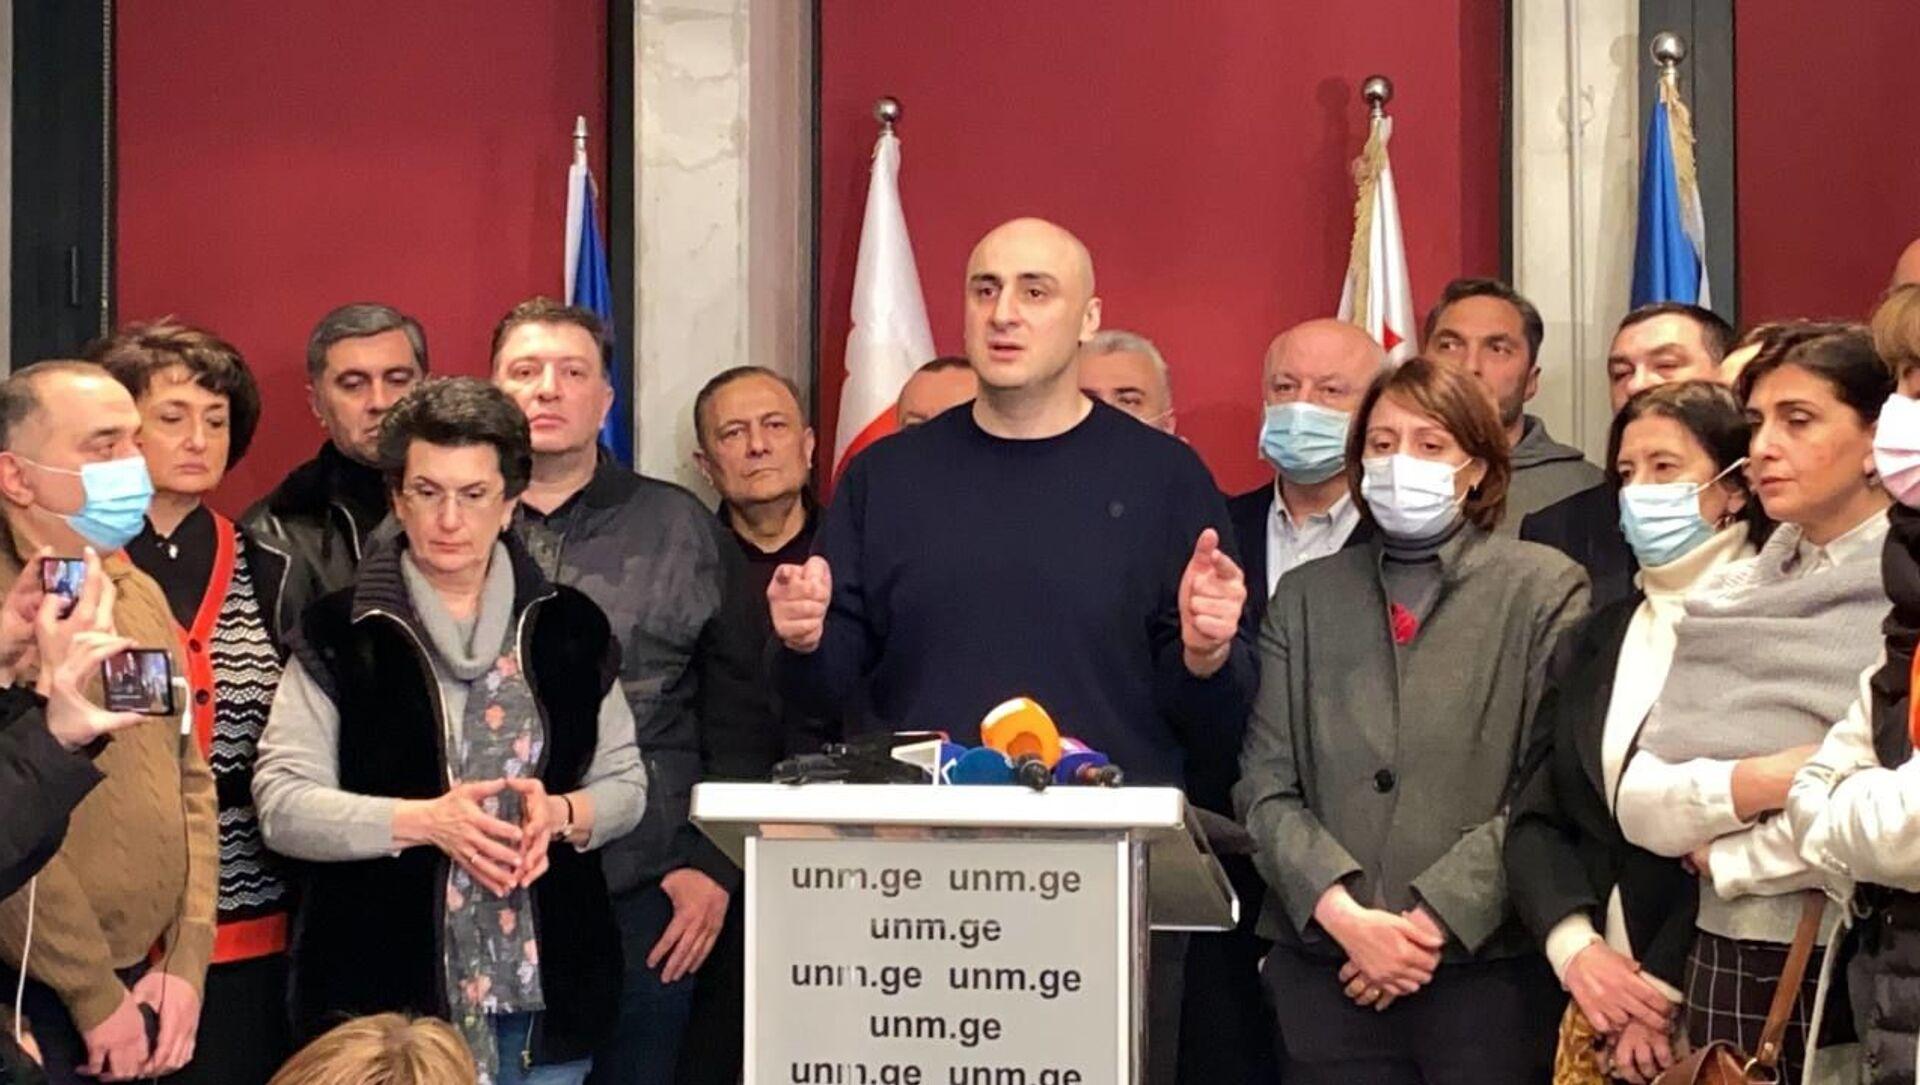 Ника Мелия и лидеры объединенной оппозиции в офисе Единого нацдвижения - Sputnik Грузия, 1920, 18.02.2021